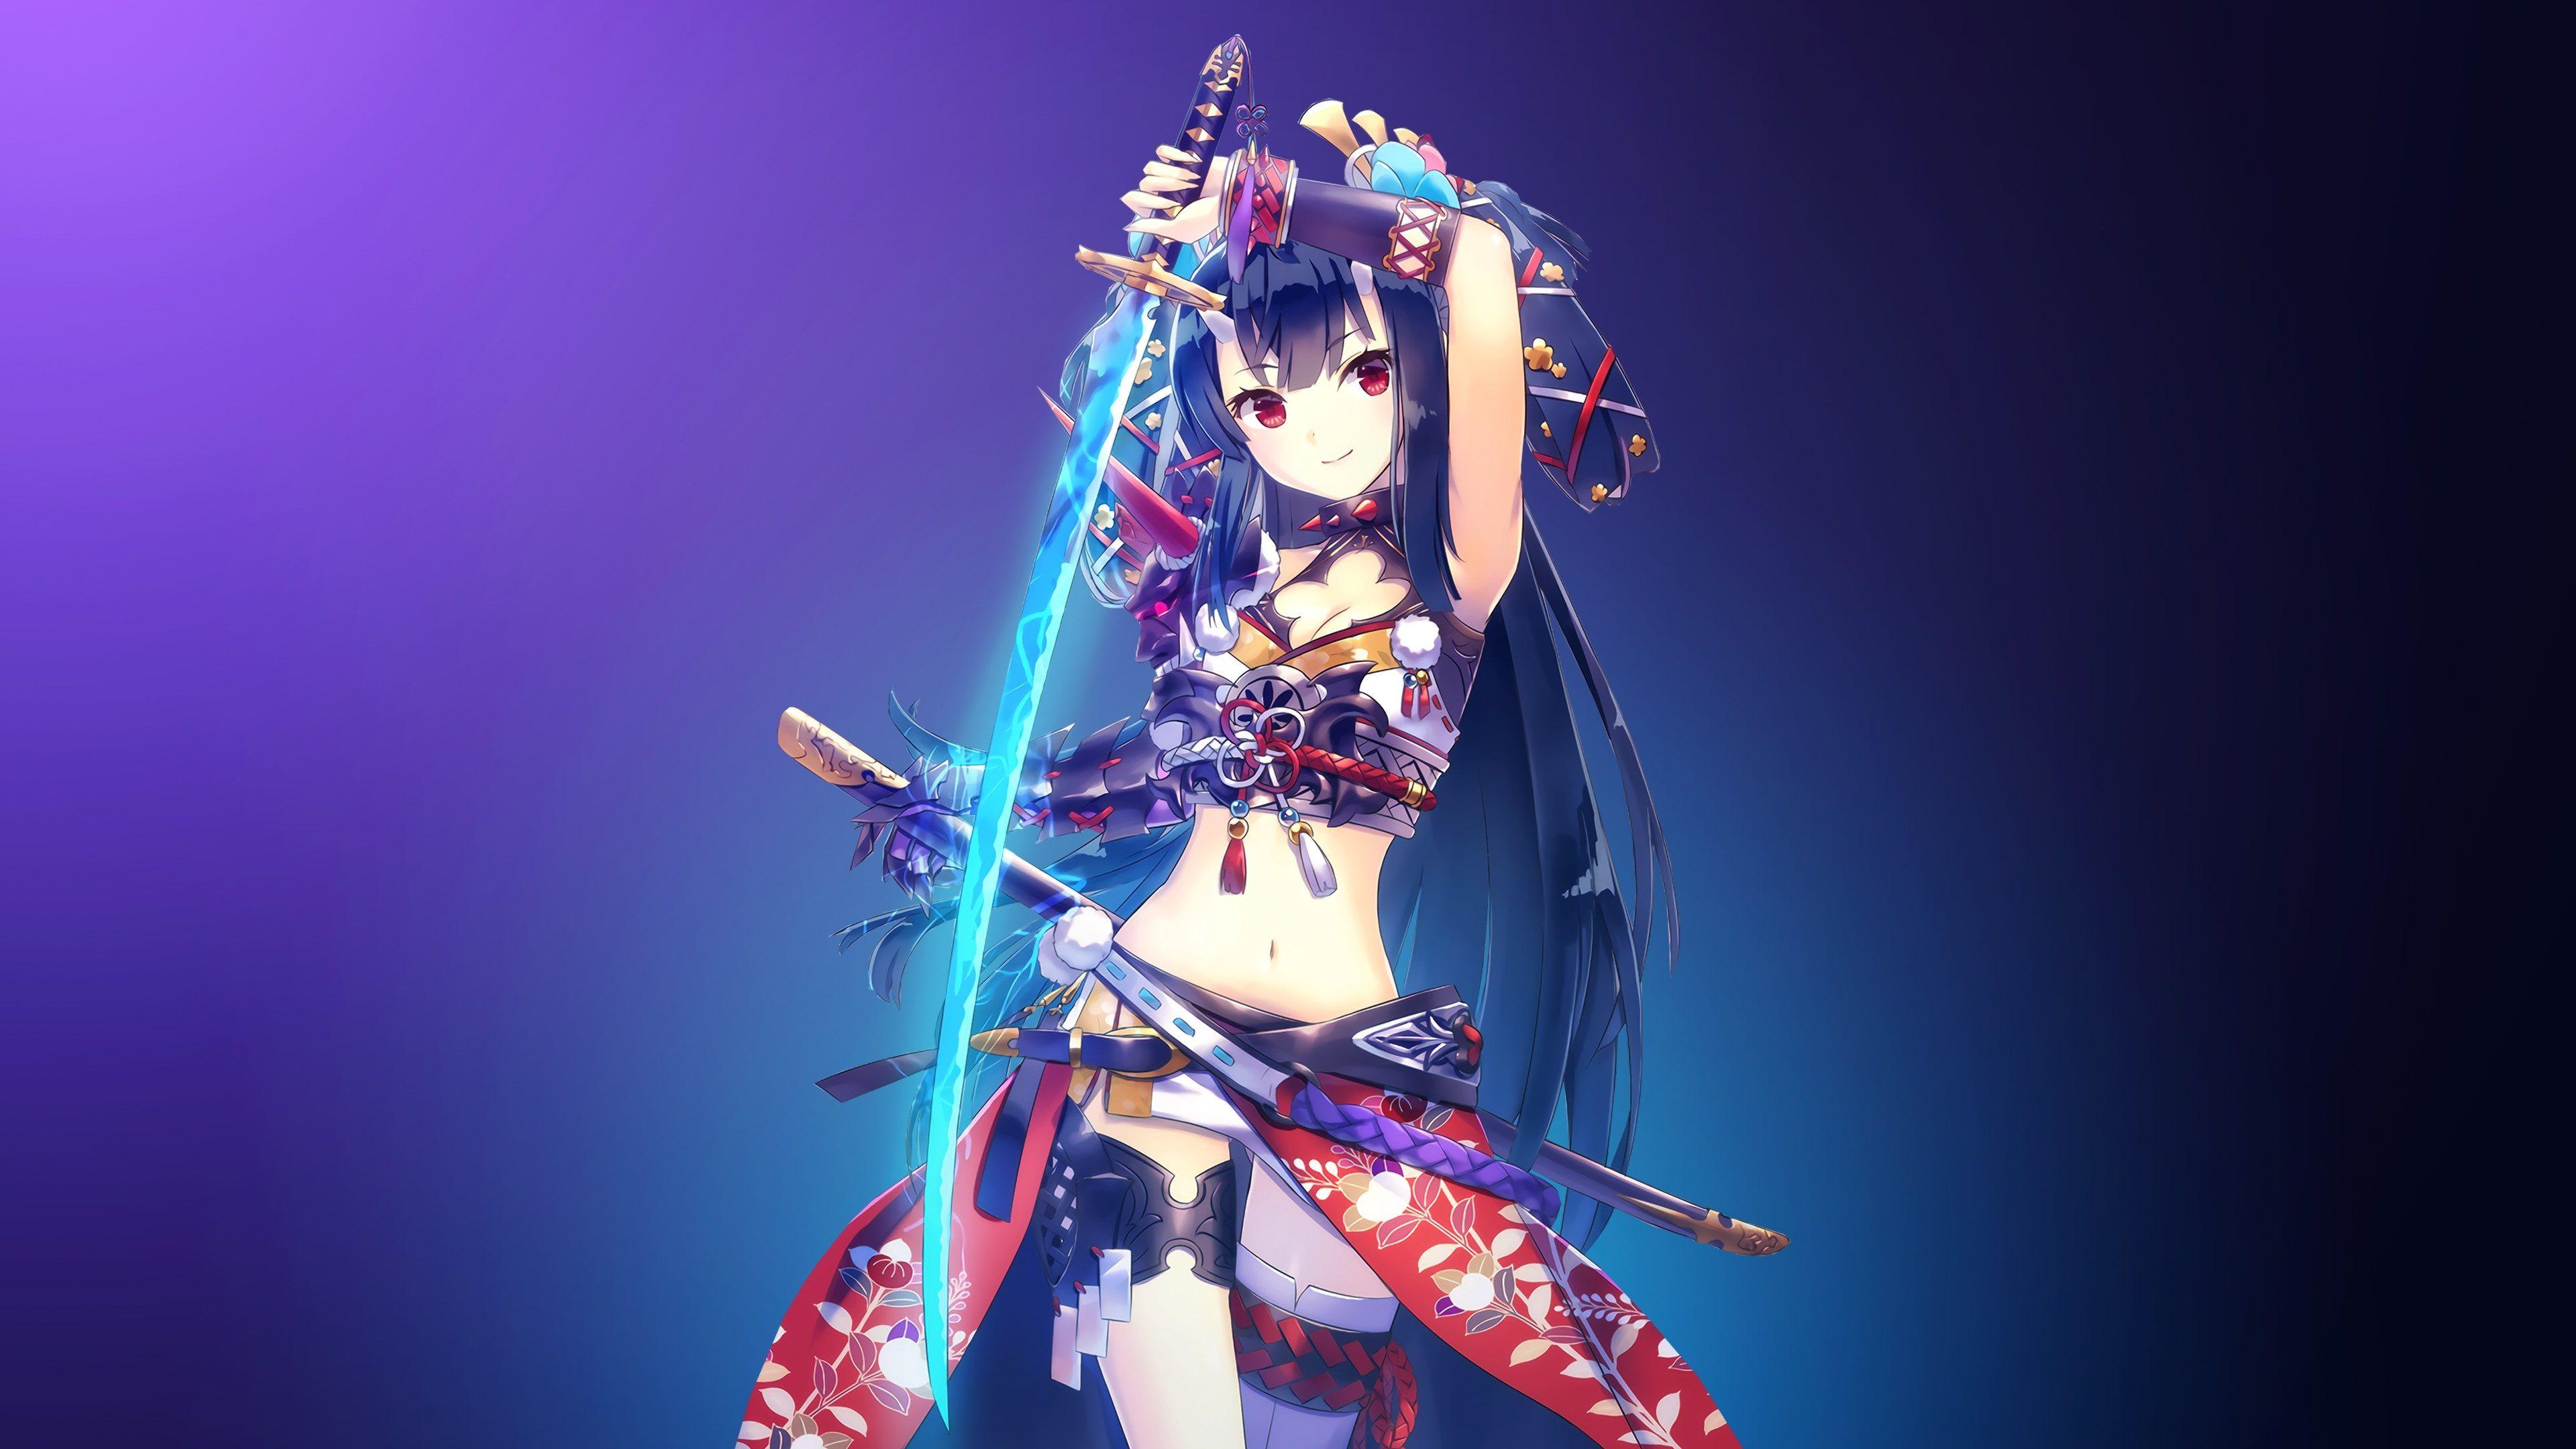 3840x2160 Warrior Girl 4k Free Full Hd Wallpaper Anime Warrior Girl Anime Warrior Hd Anime Wallpapers